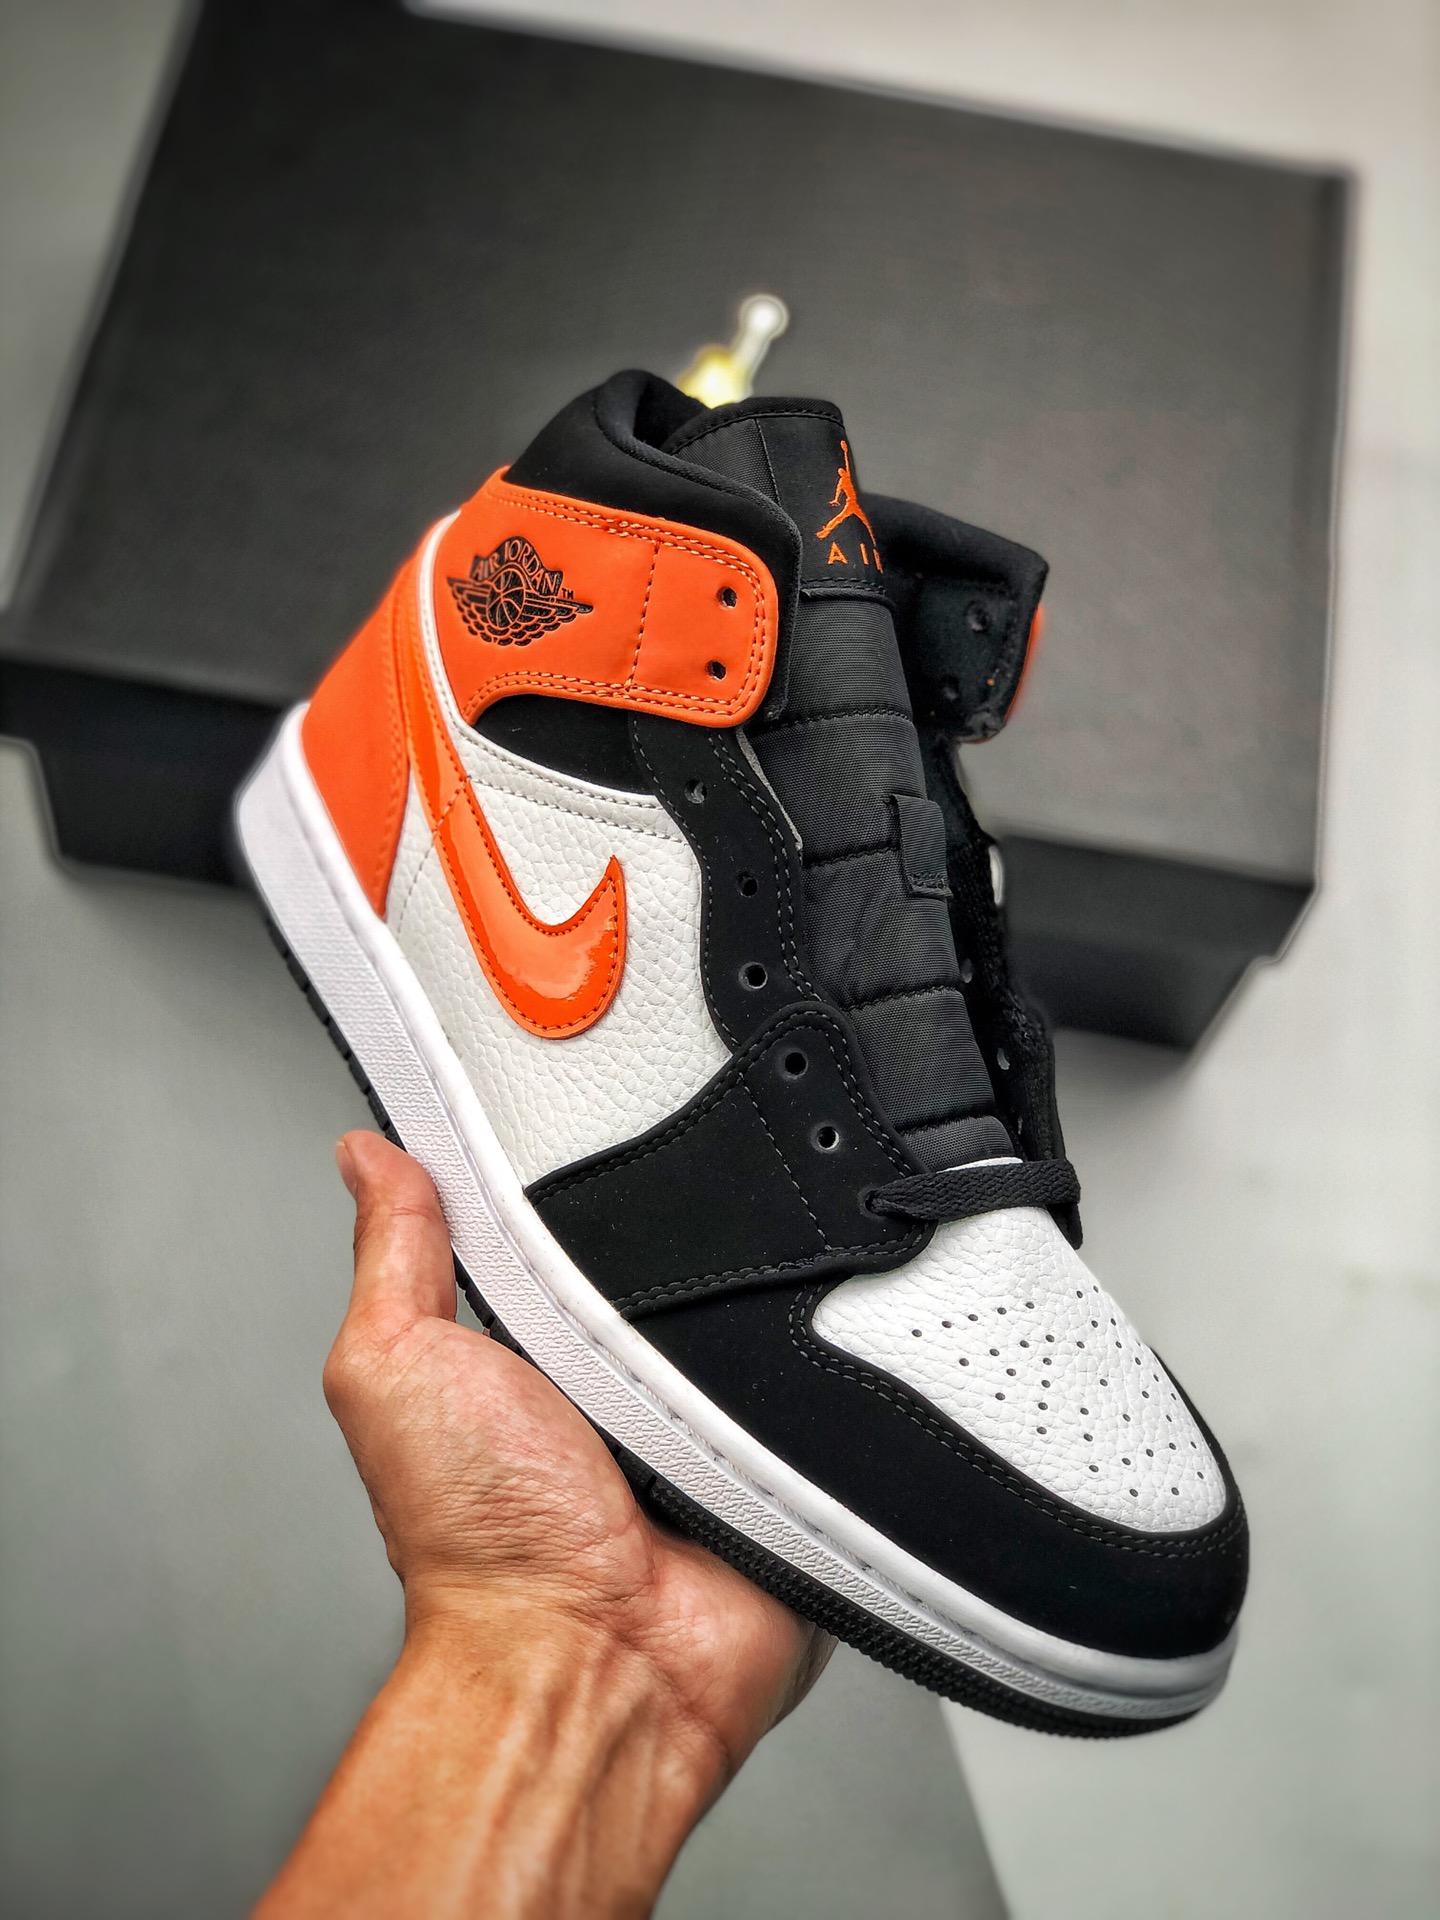 """S2中帮系列 Air Jordan 1 Mid """"Shattered Backboard"""" 万物皆可""""扣碎篮板"""" AJ1乔丹一代中帮球鞋 黑白橙扣碎篮板配色 554724-058_"""